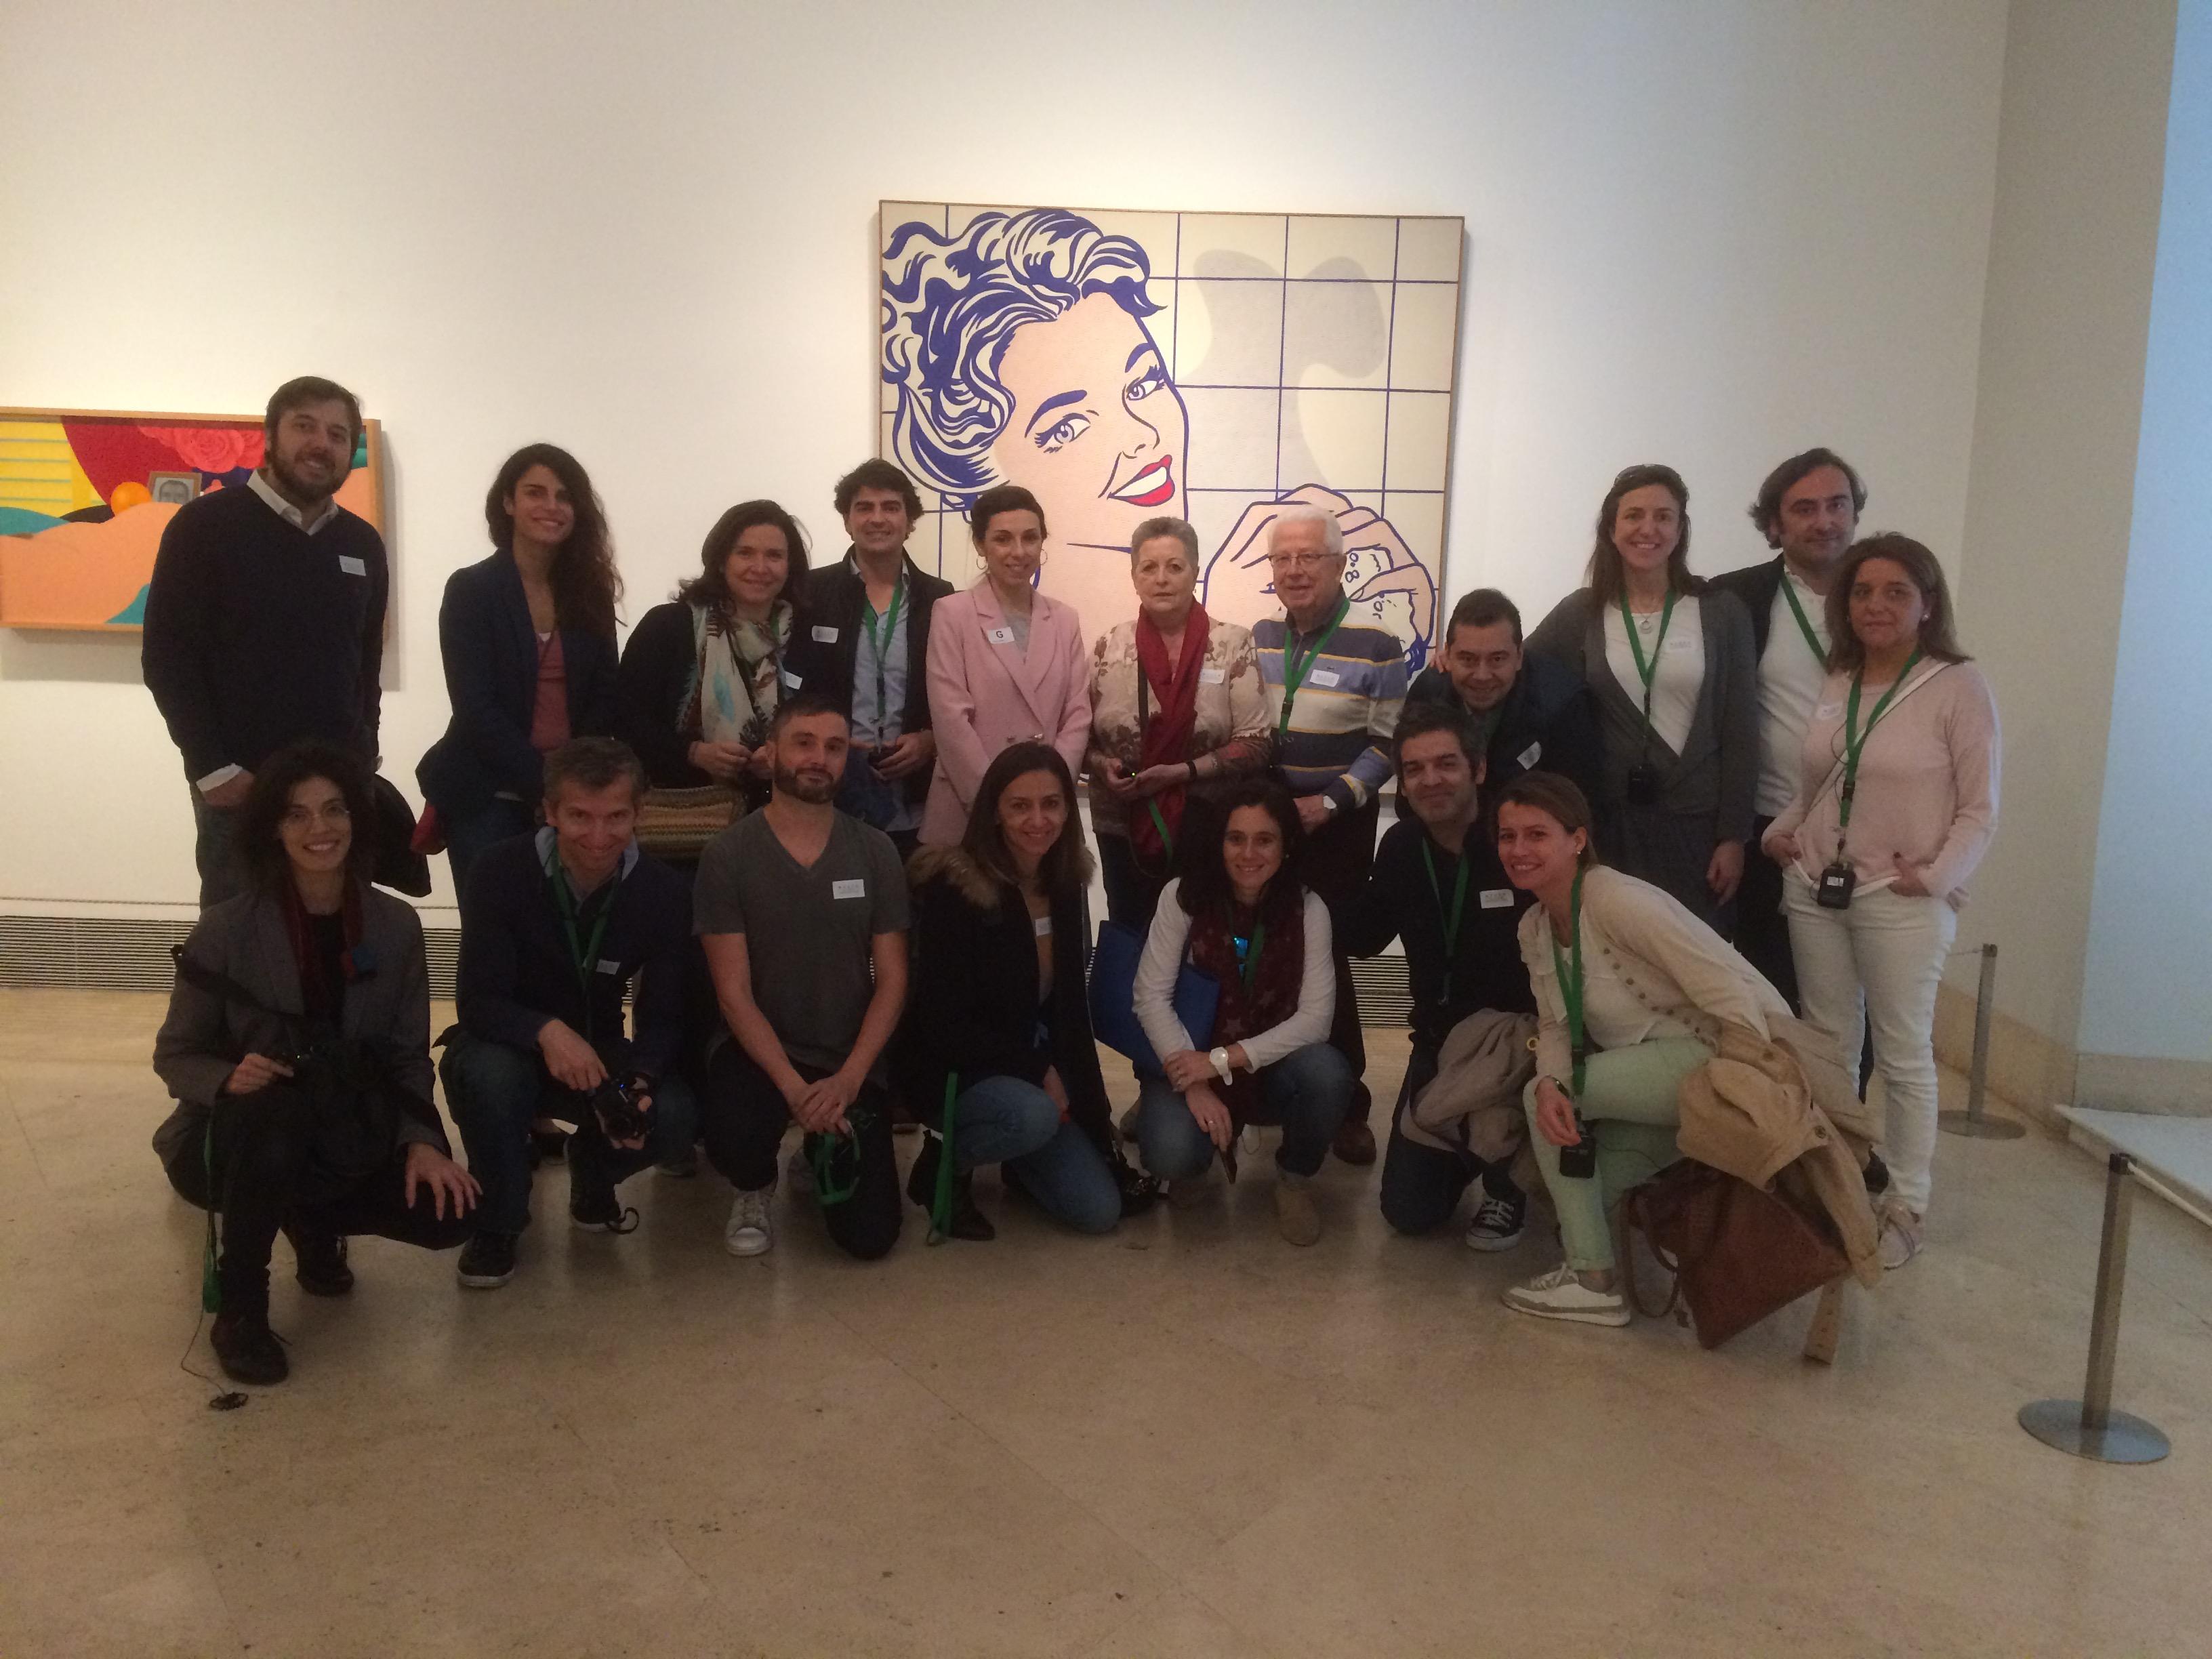 Visitas guiadas a museos, exposiciones temporales y galerías de arte en Madrid (en español, inglés e italiano)